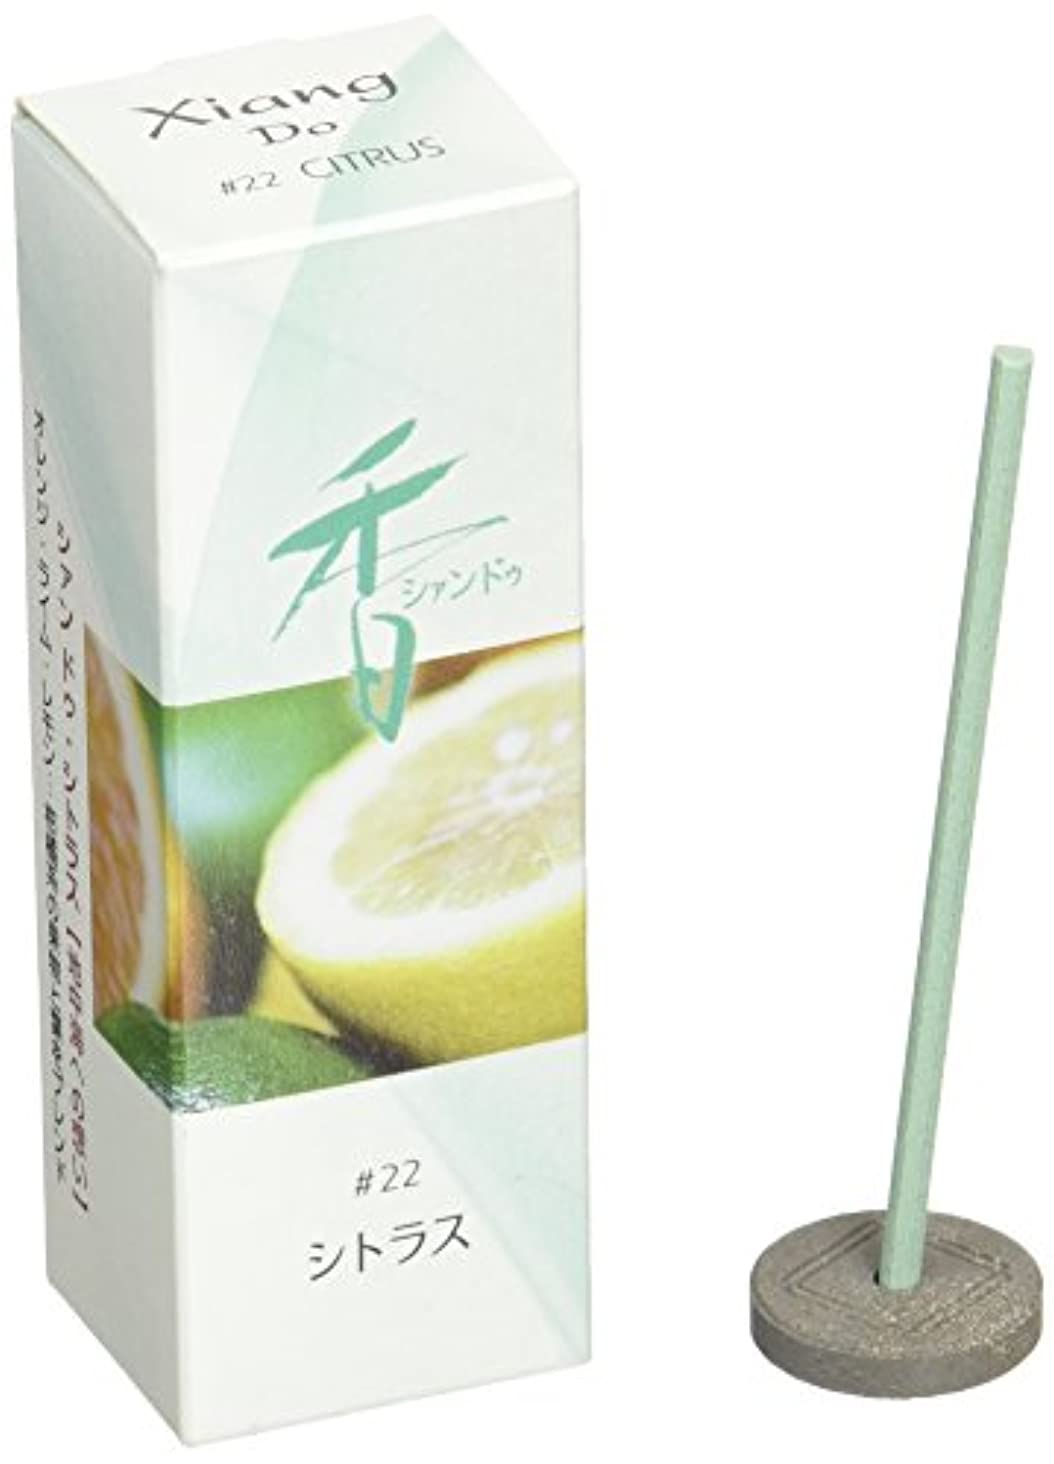 選択する敬意を表して踊り子松栄堂のお香 Xiang Do(シャンドゥ) シトラス ST20本入 簡易香立付 #214222